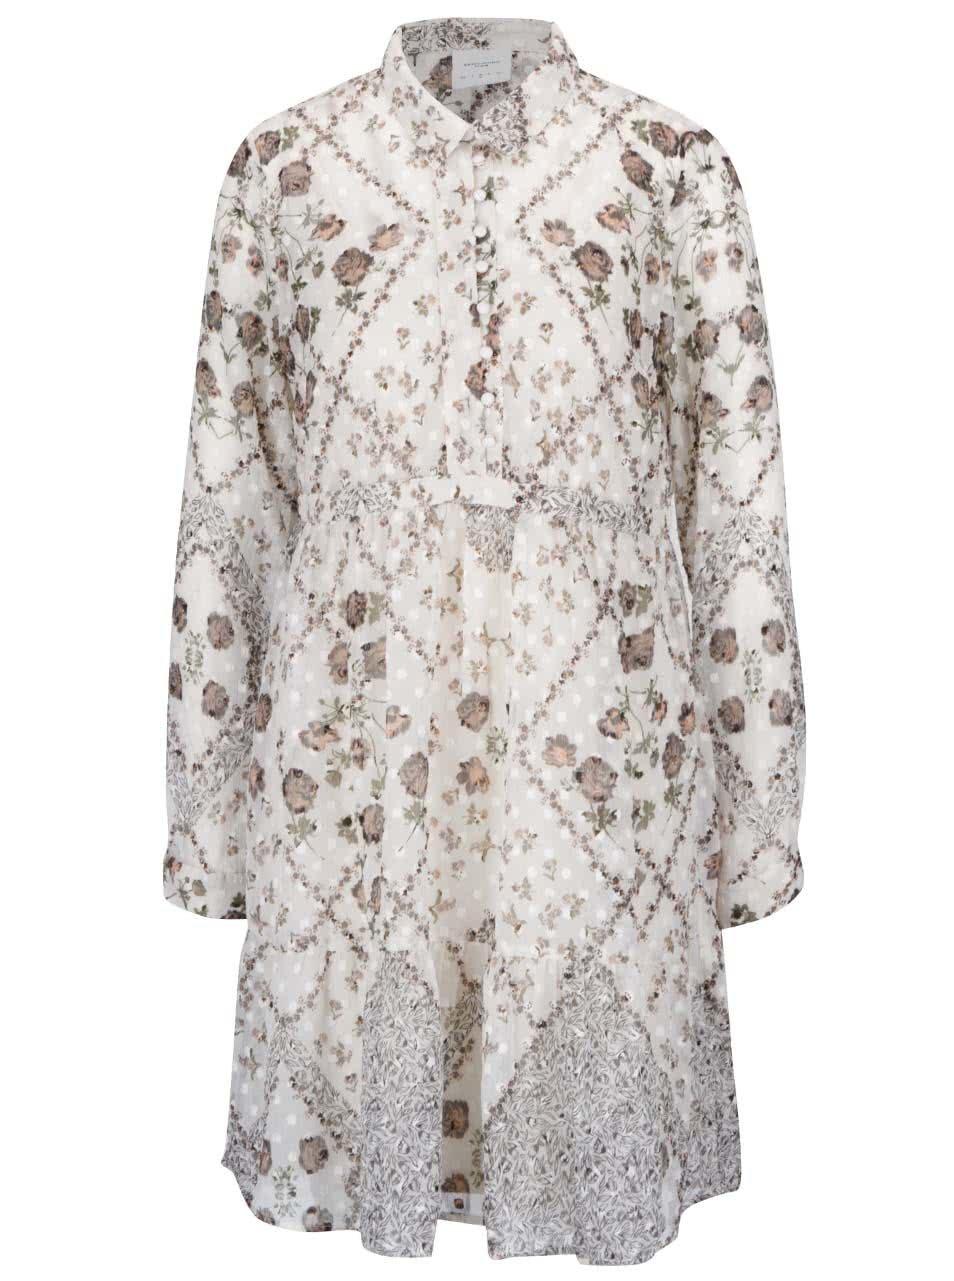 04815467c786 Krémové volnější květované průsvitné šaty s knoflíky a spodničkou Vero Moda  Lucy ŽENY   Šaty